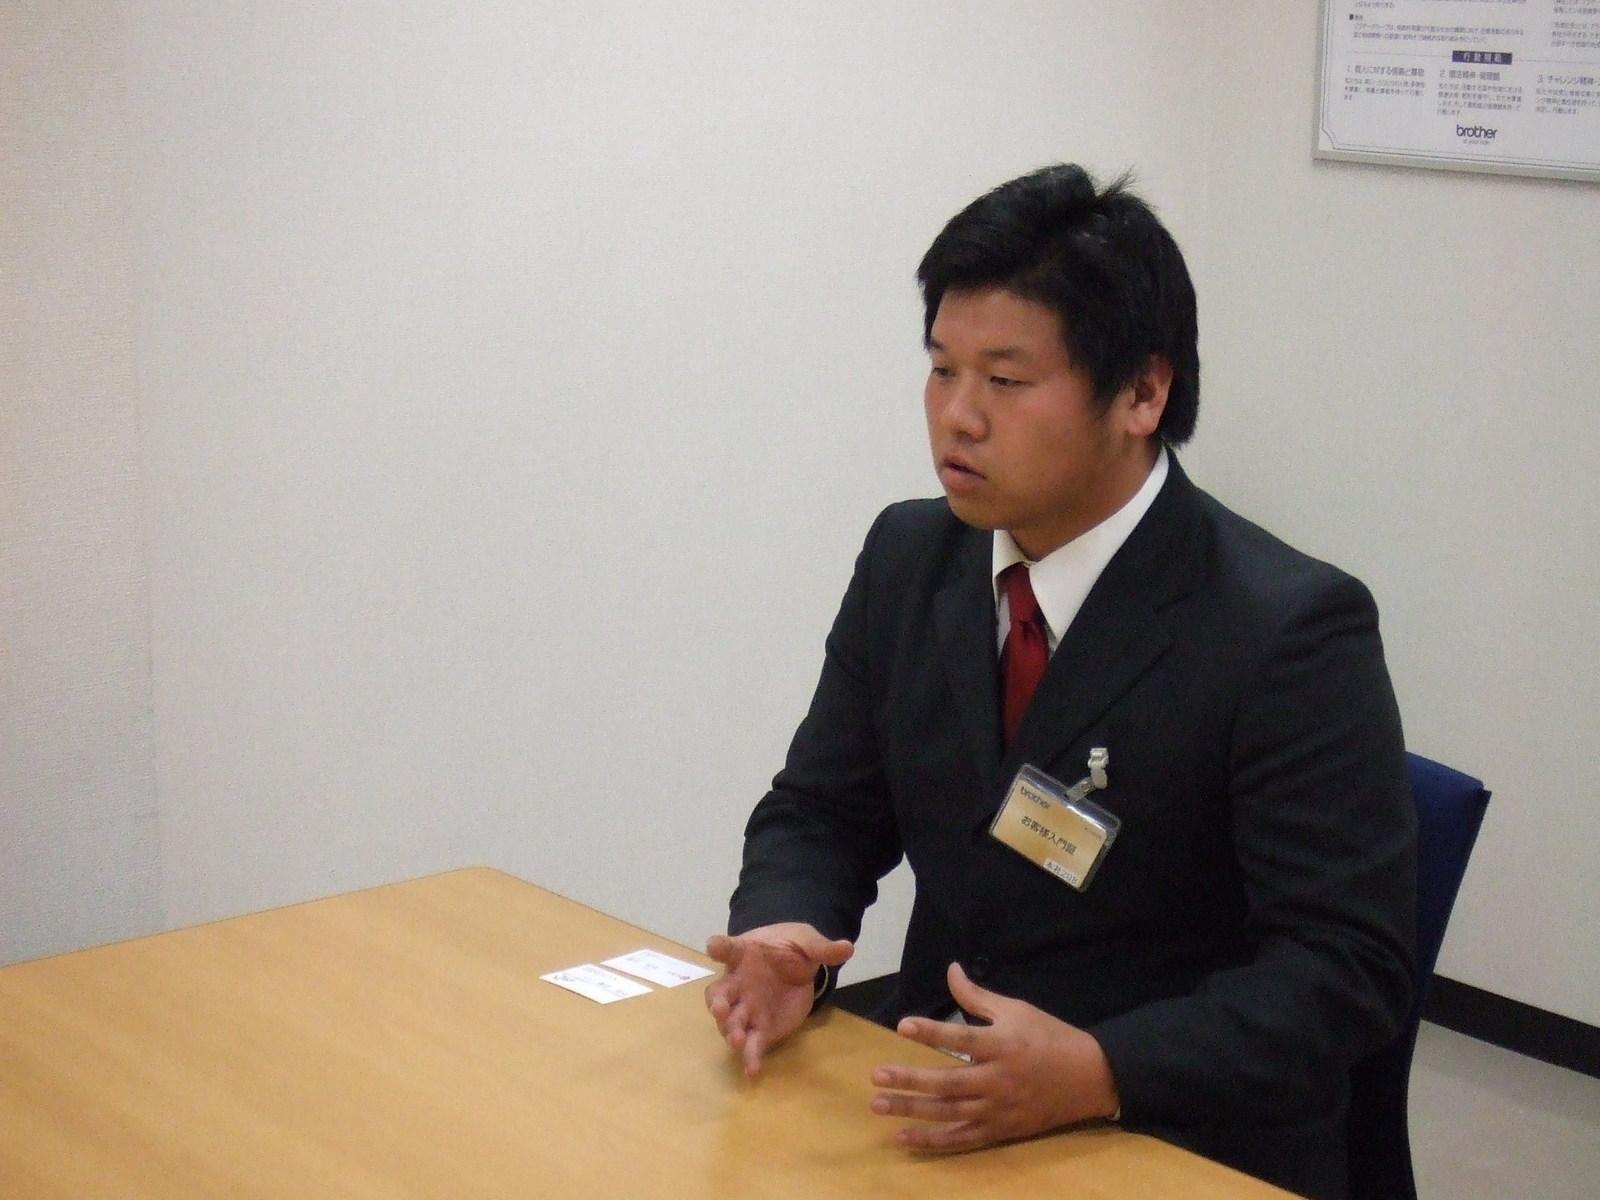 三州鈴木さんが、小出宗昭さんに経営相談!